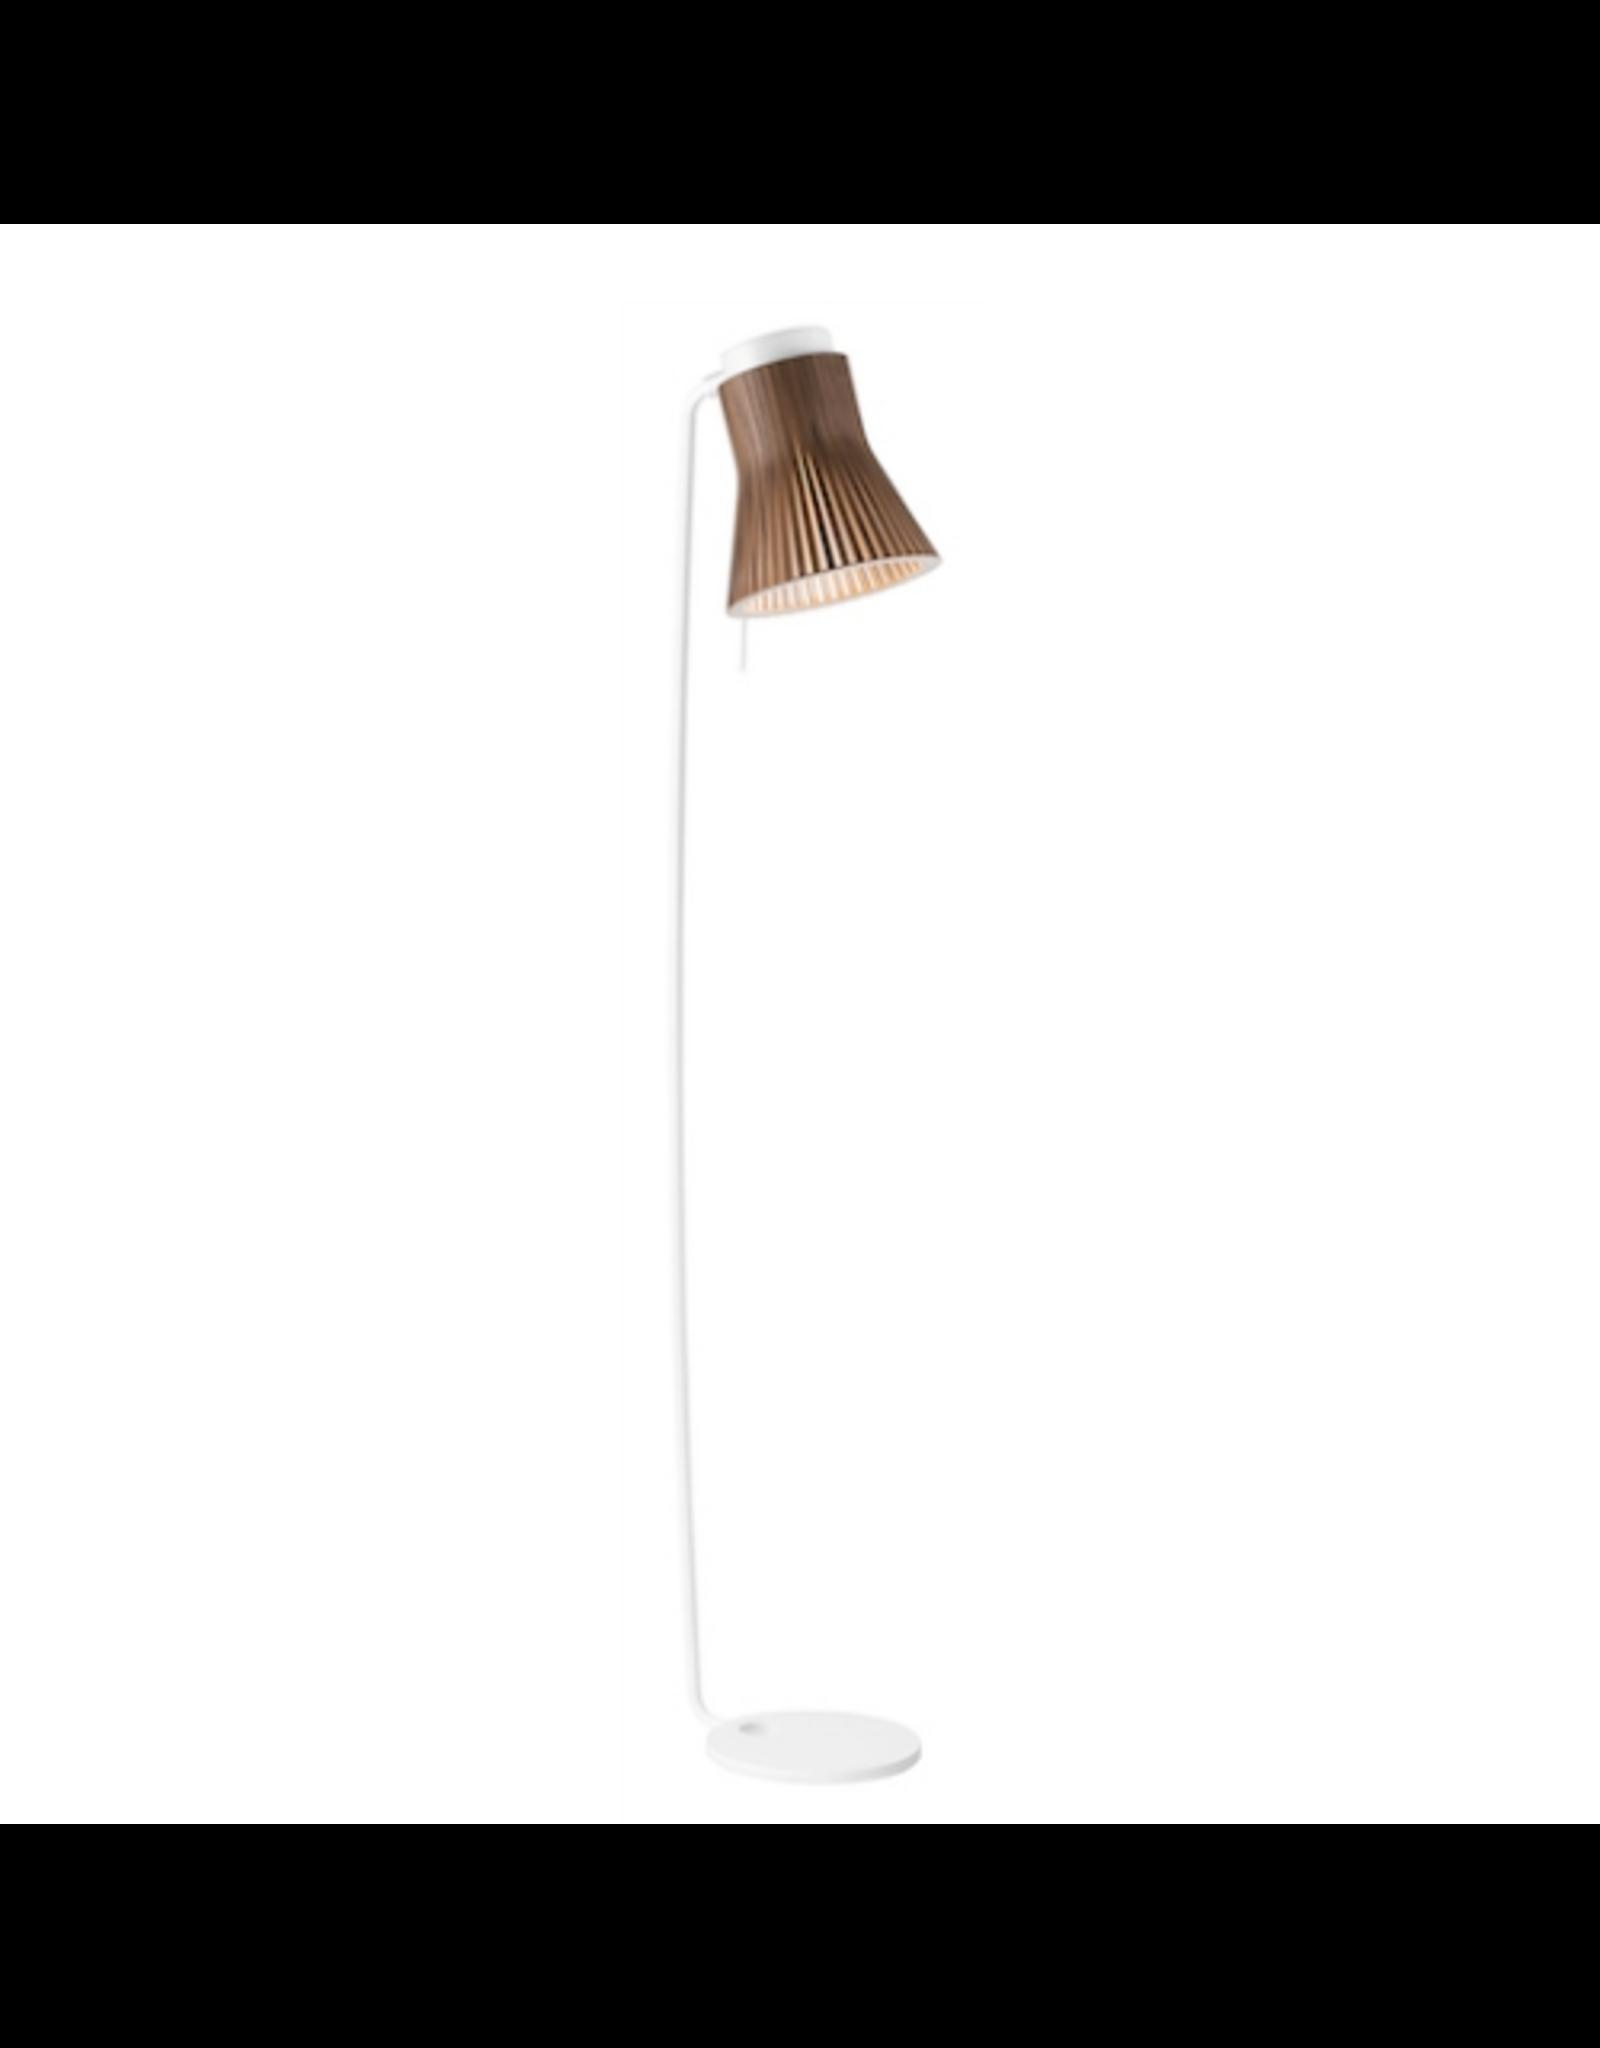 PETITE 4610 FLOOR LAMP